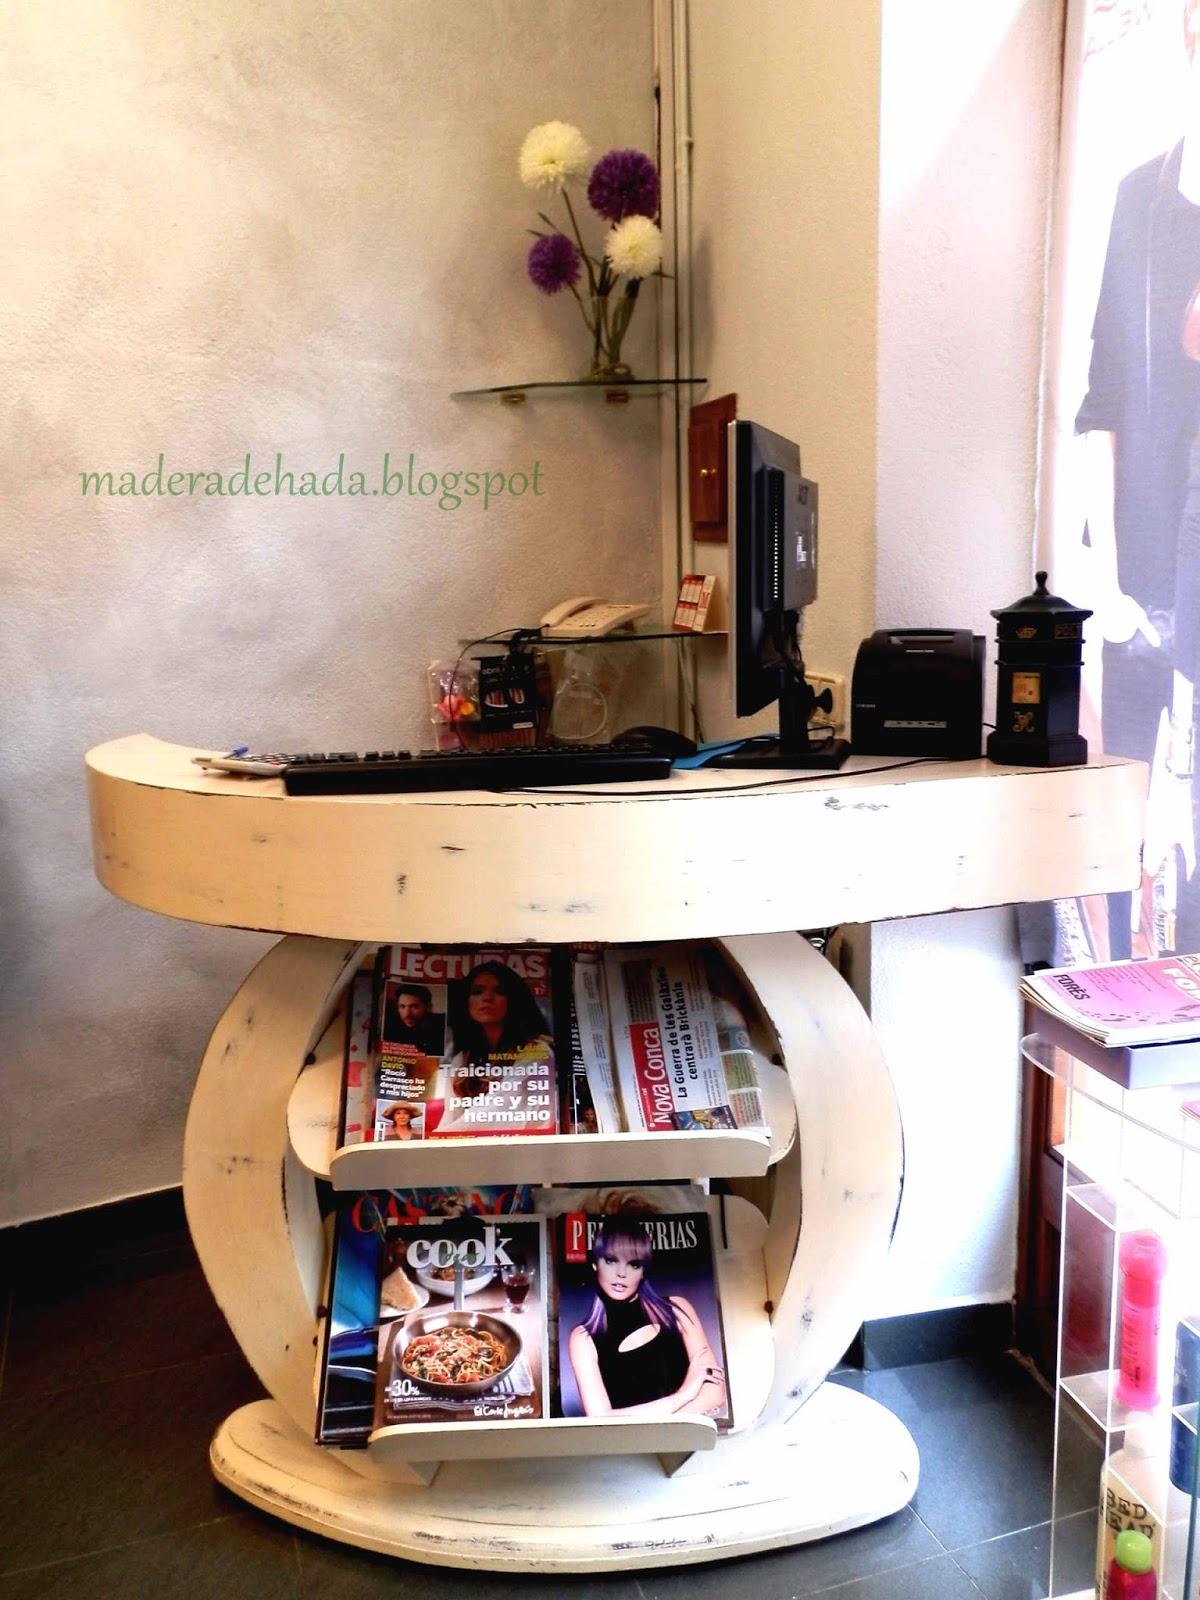 Mostrador De Peluquer A Pintado Con Chalk Paint Madera De Hada # Muebles Lijados Y Pintados